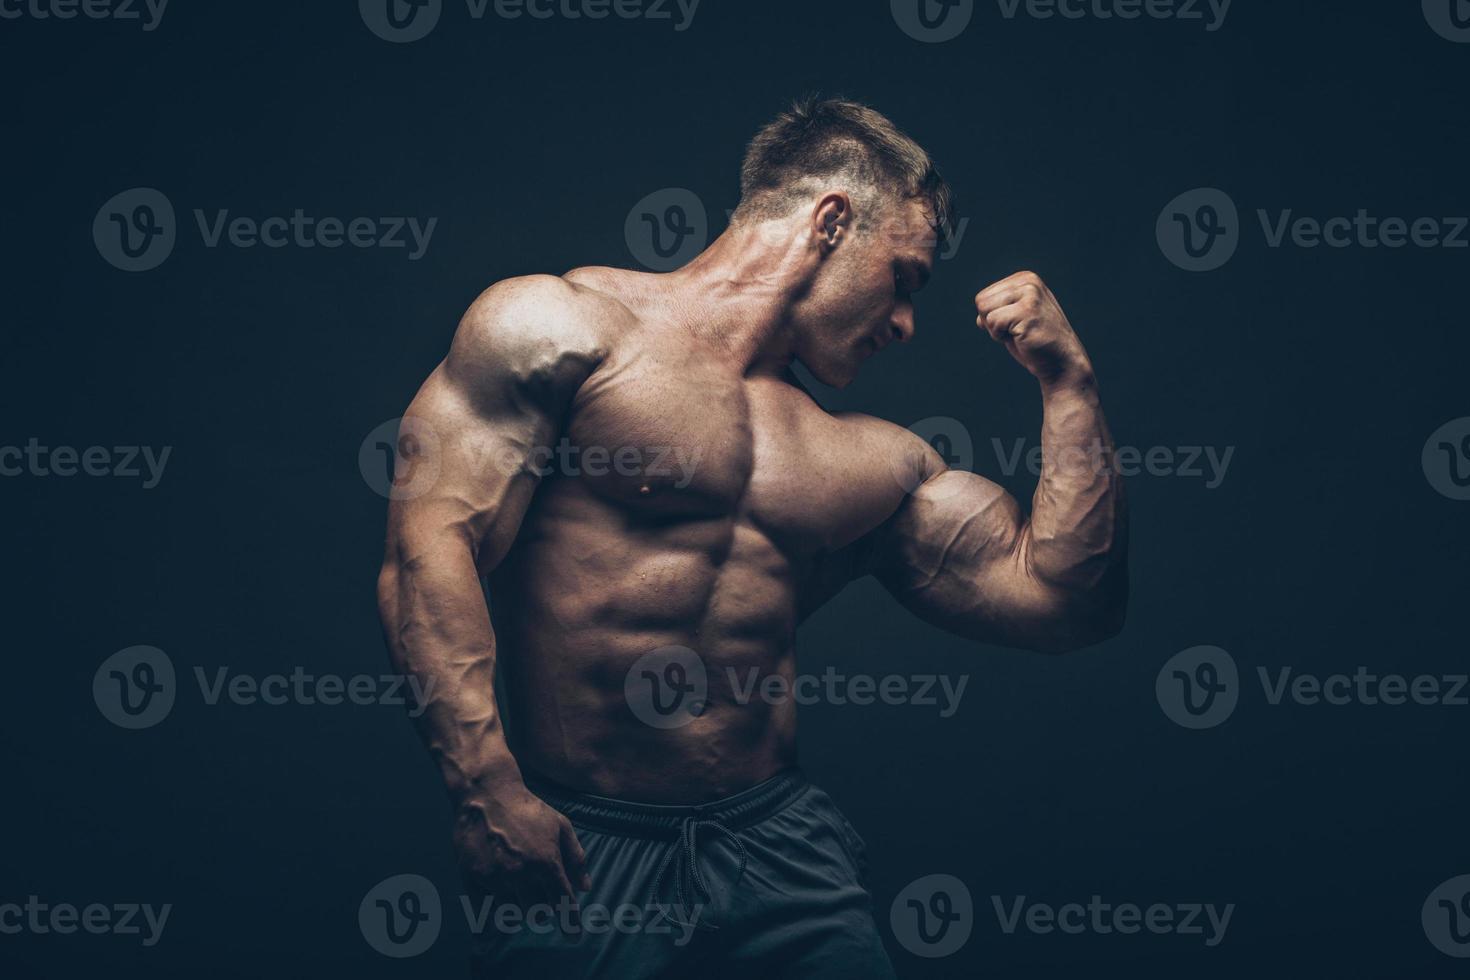 fisiculturista muscular bonita posando sobre fundo preto foto